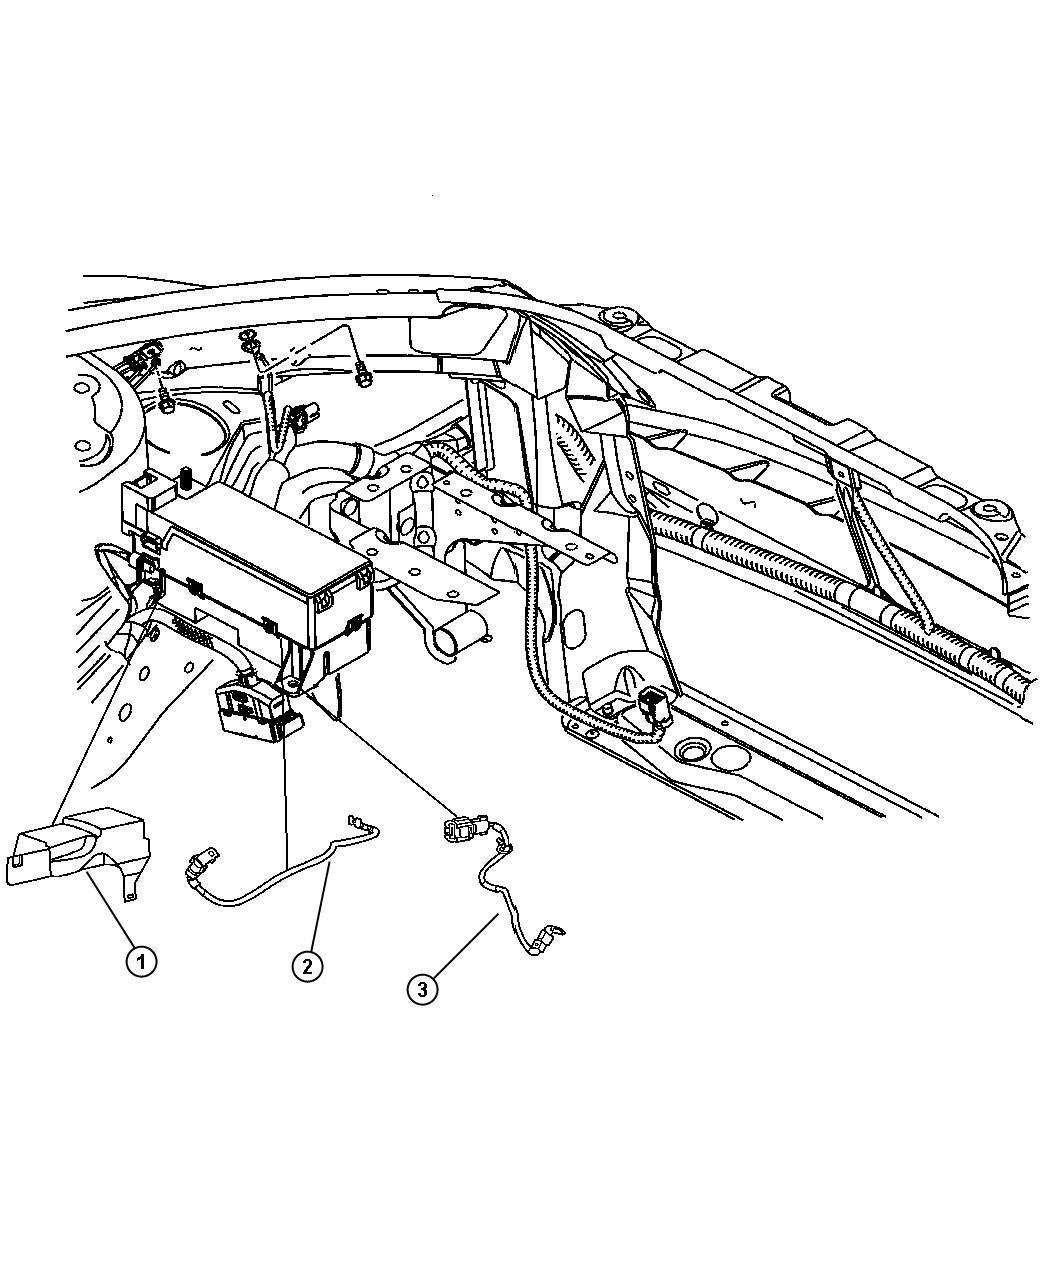 Chrysler Pt Cruiser Wiring Jumper Totally Integrated